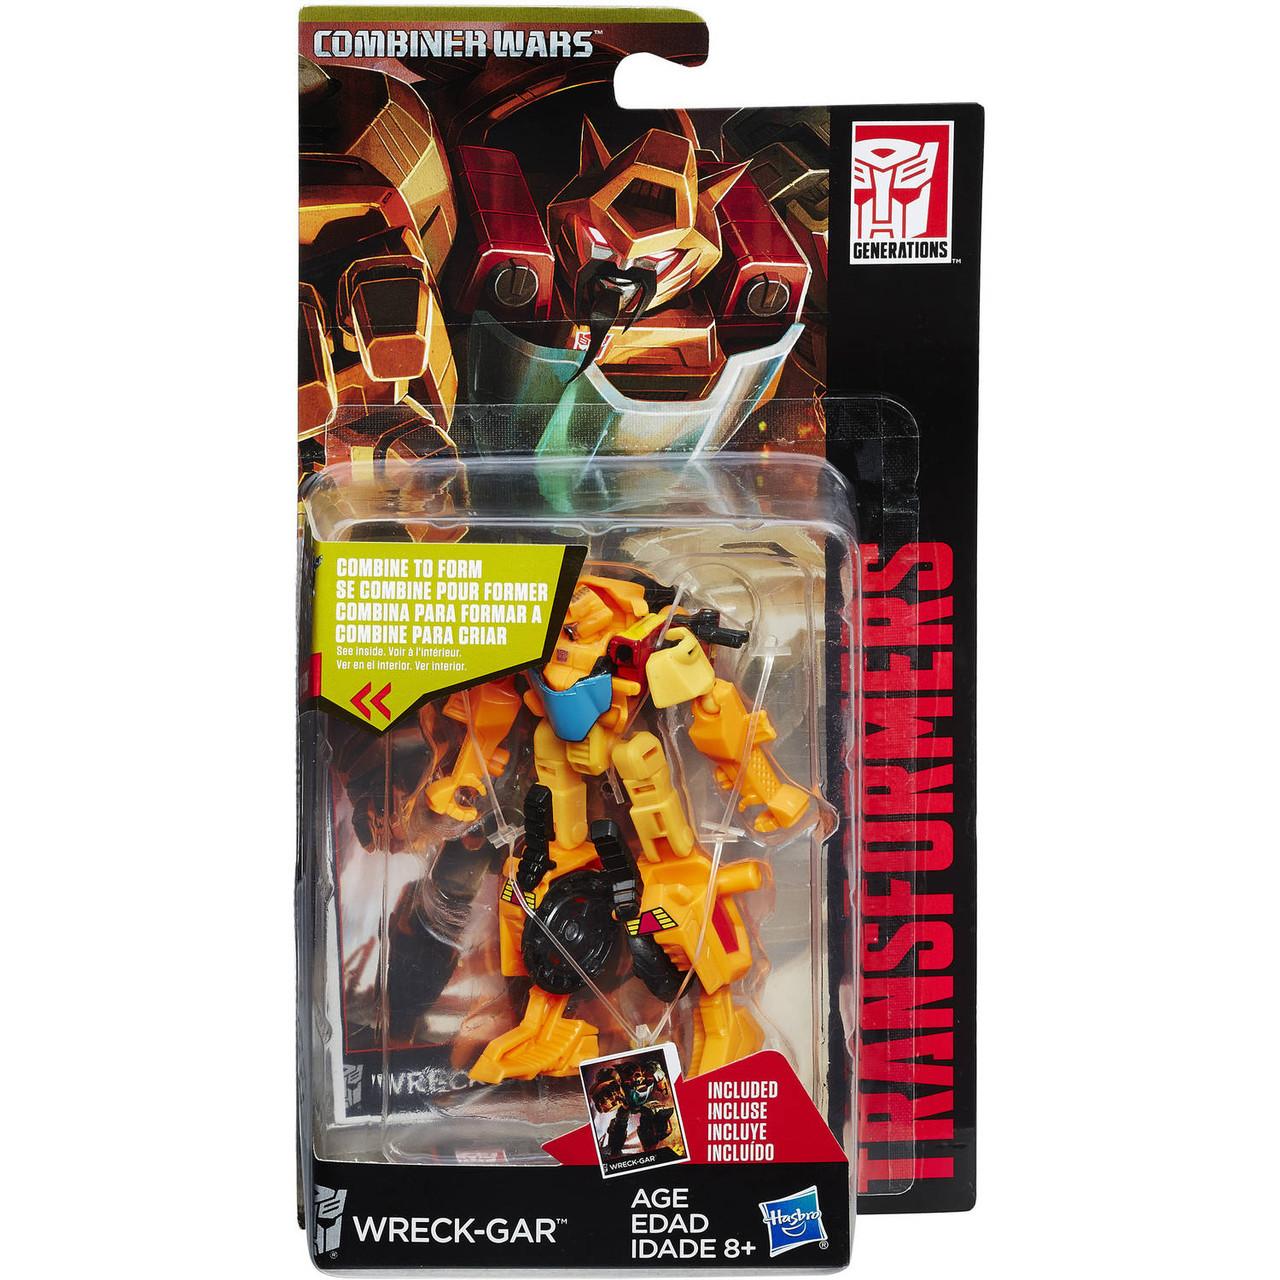 Робот-трансформер Рек-Гар (ремонтник) - Wreck-Gar, Combiner Wars, Legends Class, Generations, Hasbro